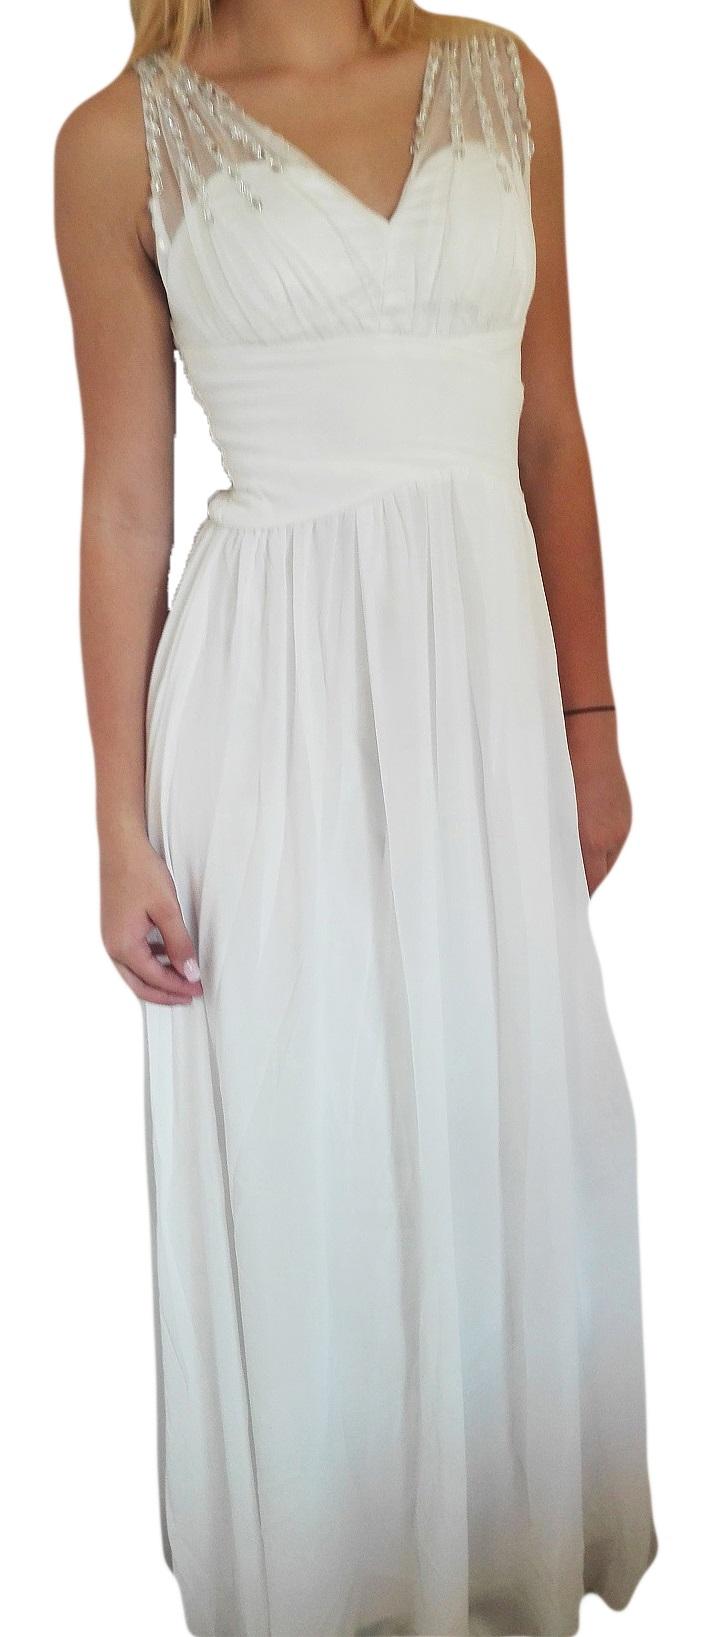 Plesové šaty dlouhé bílé s třpytivými kameny